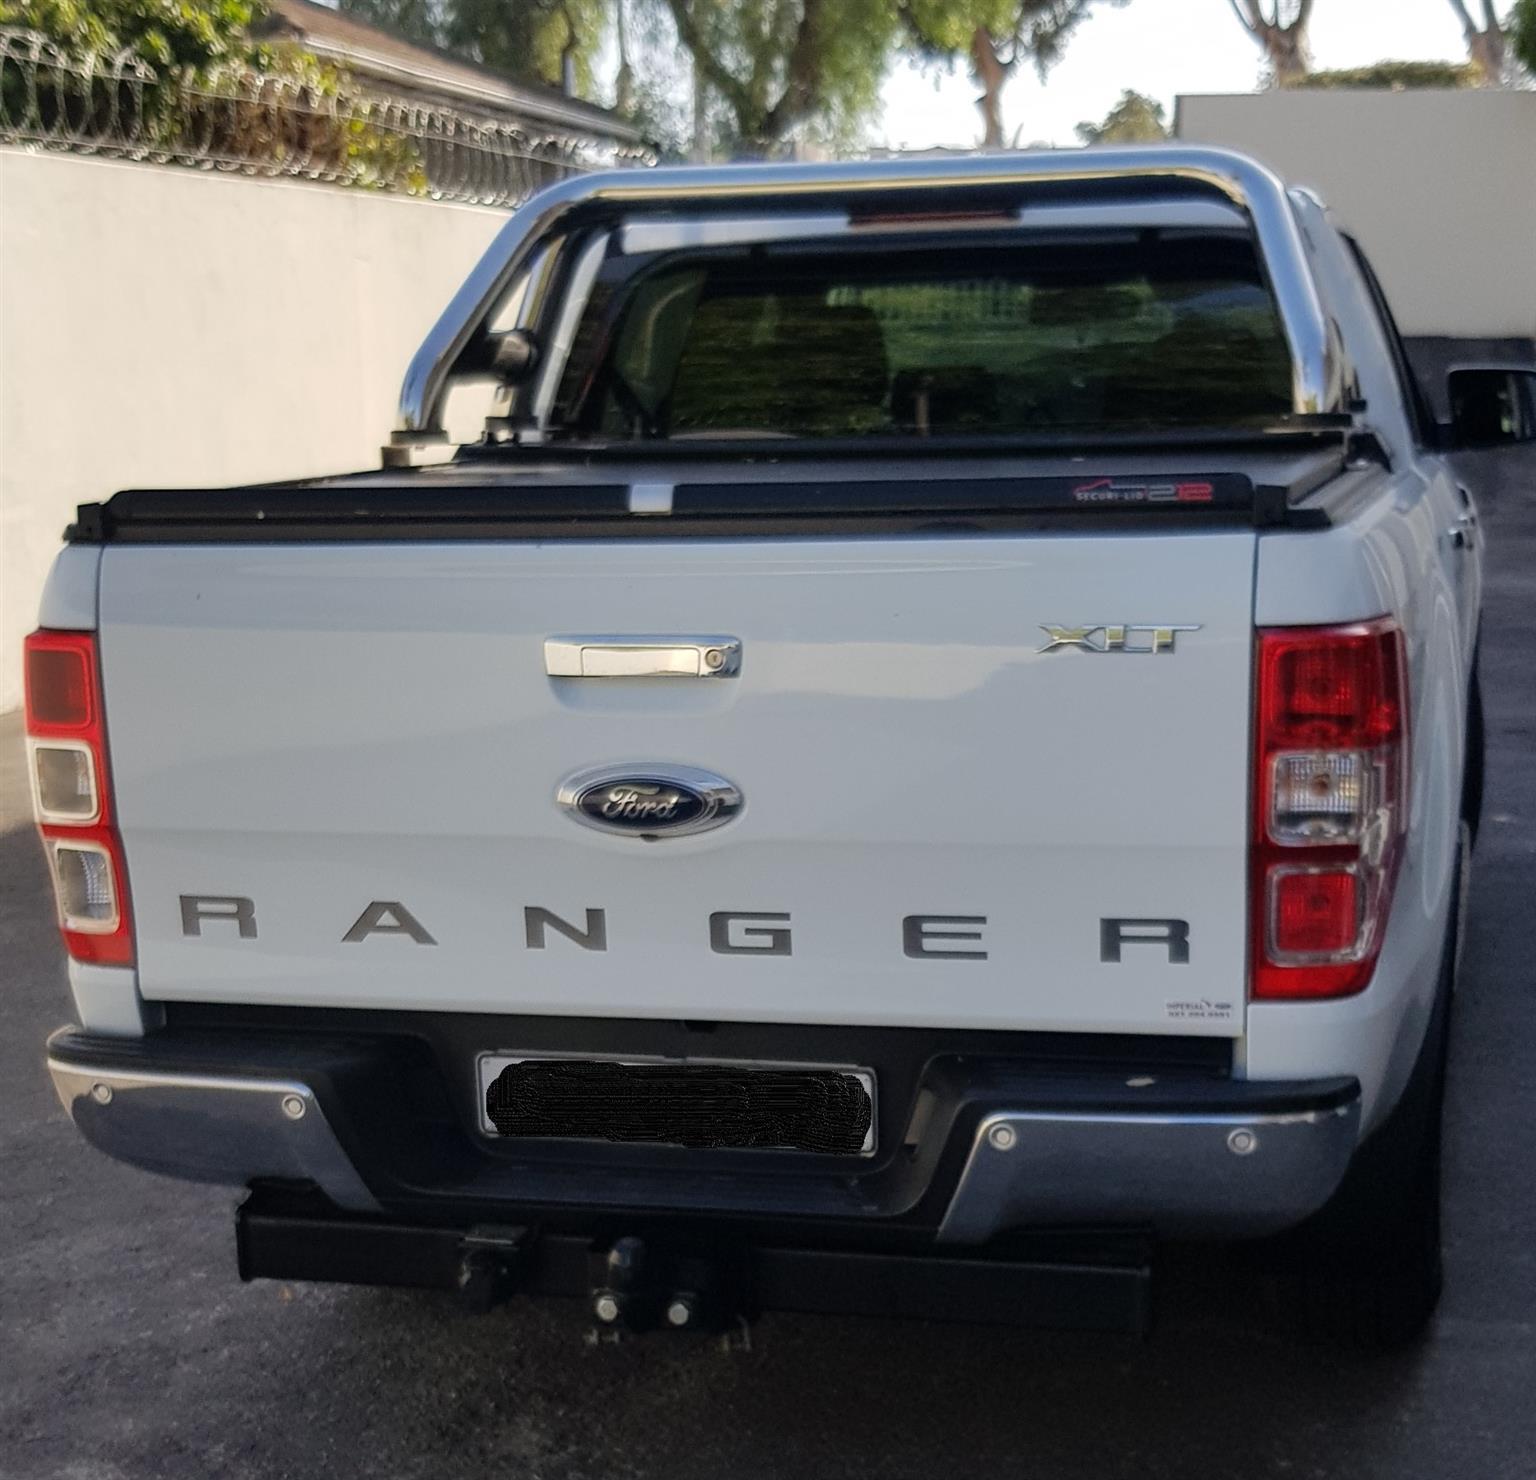 2016 Ford Ranger double cab RANGER 2.2TDCi XLT A/T P/U D/C